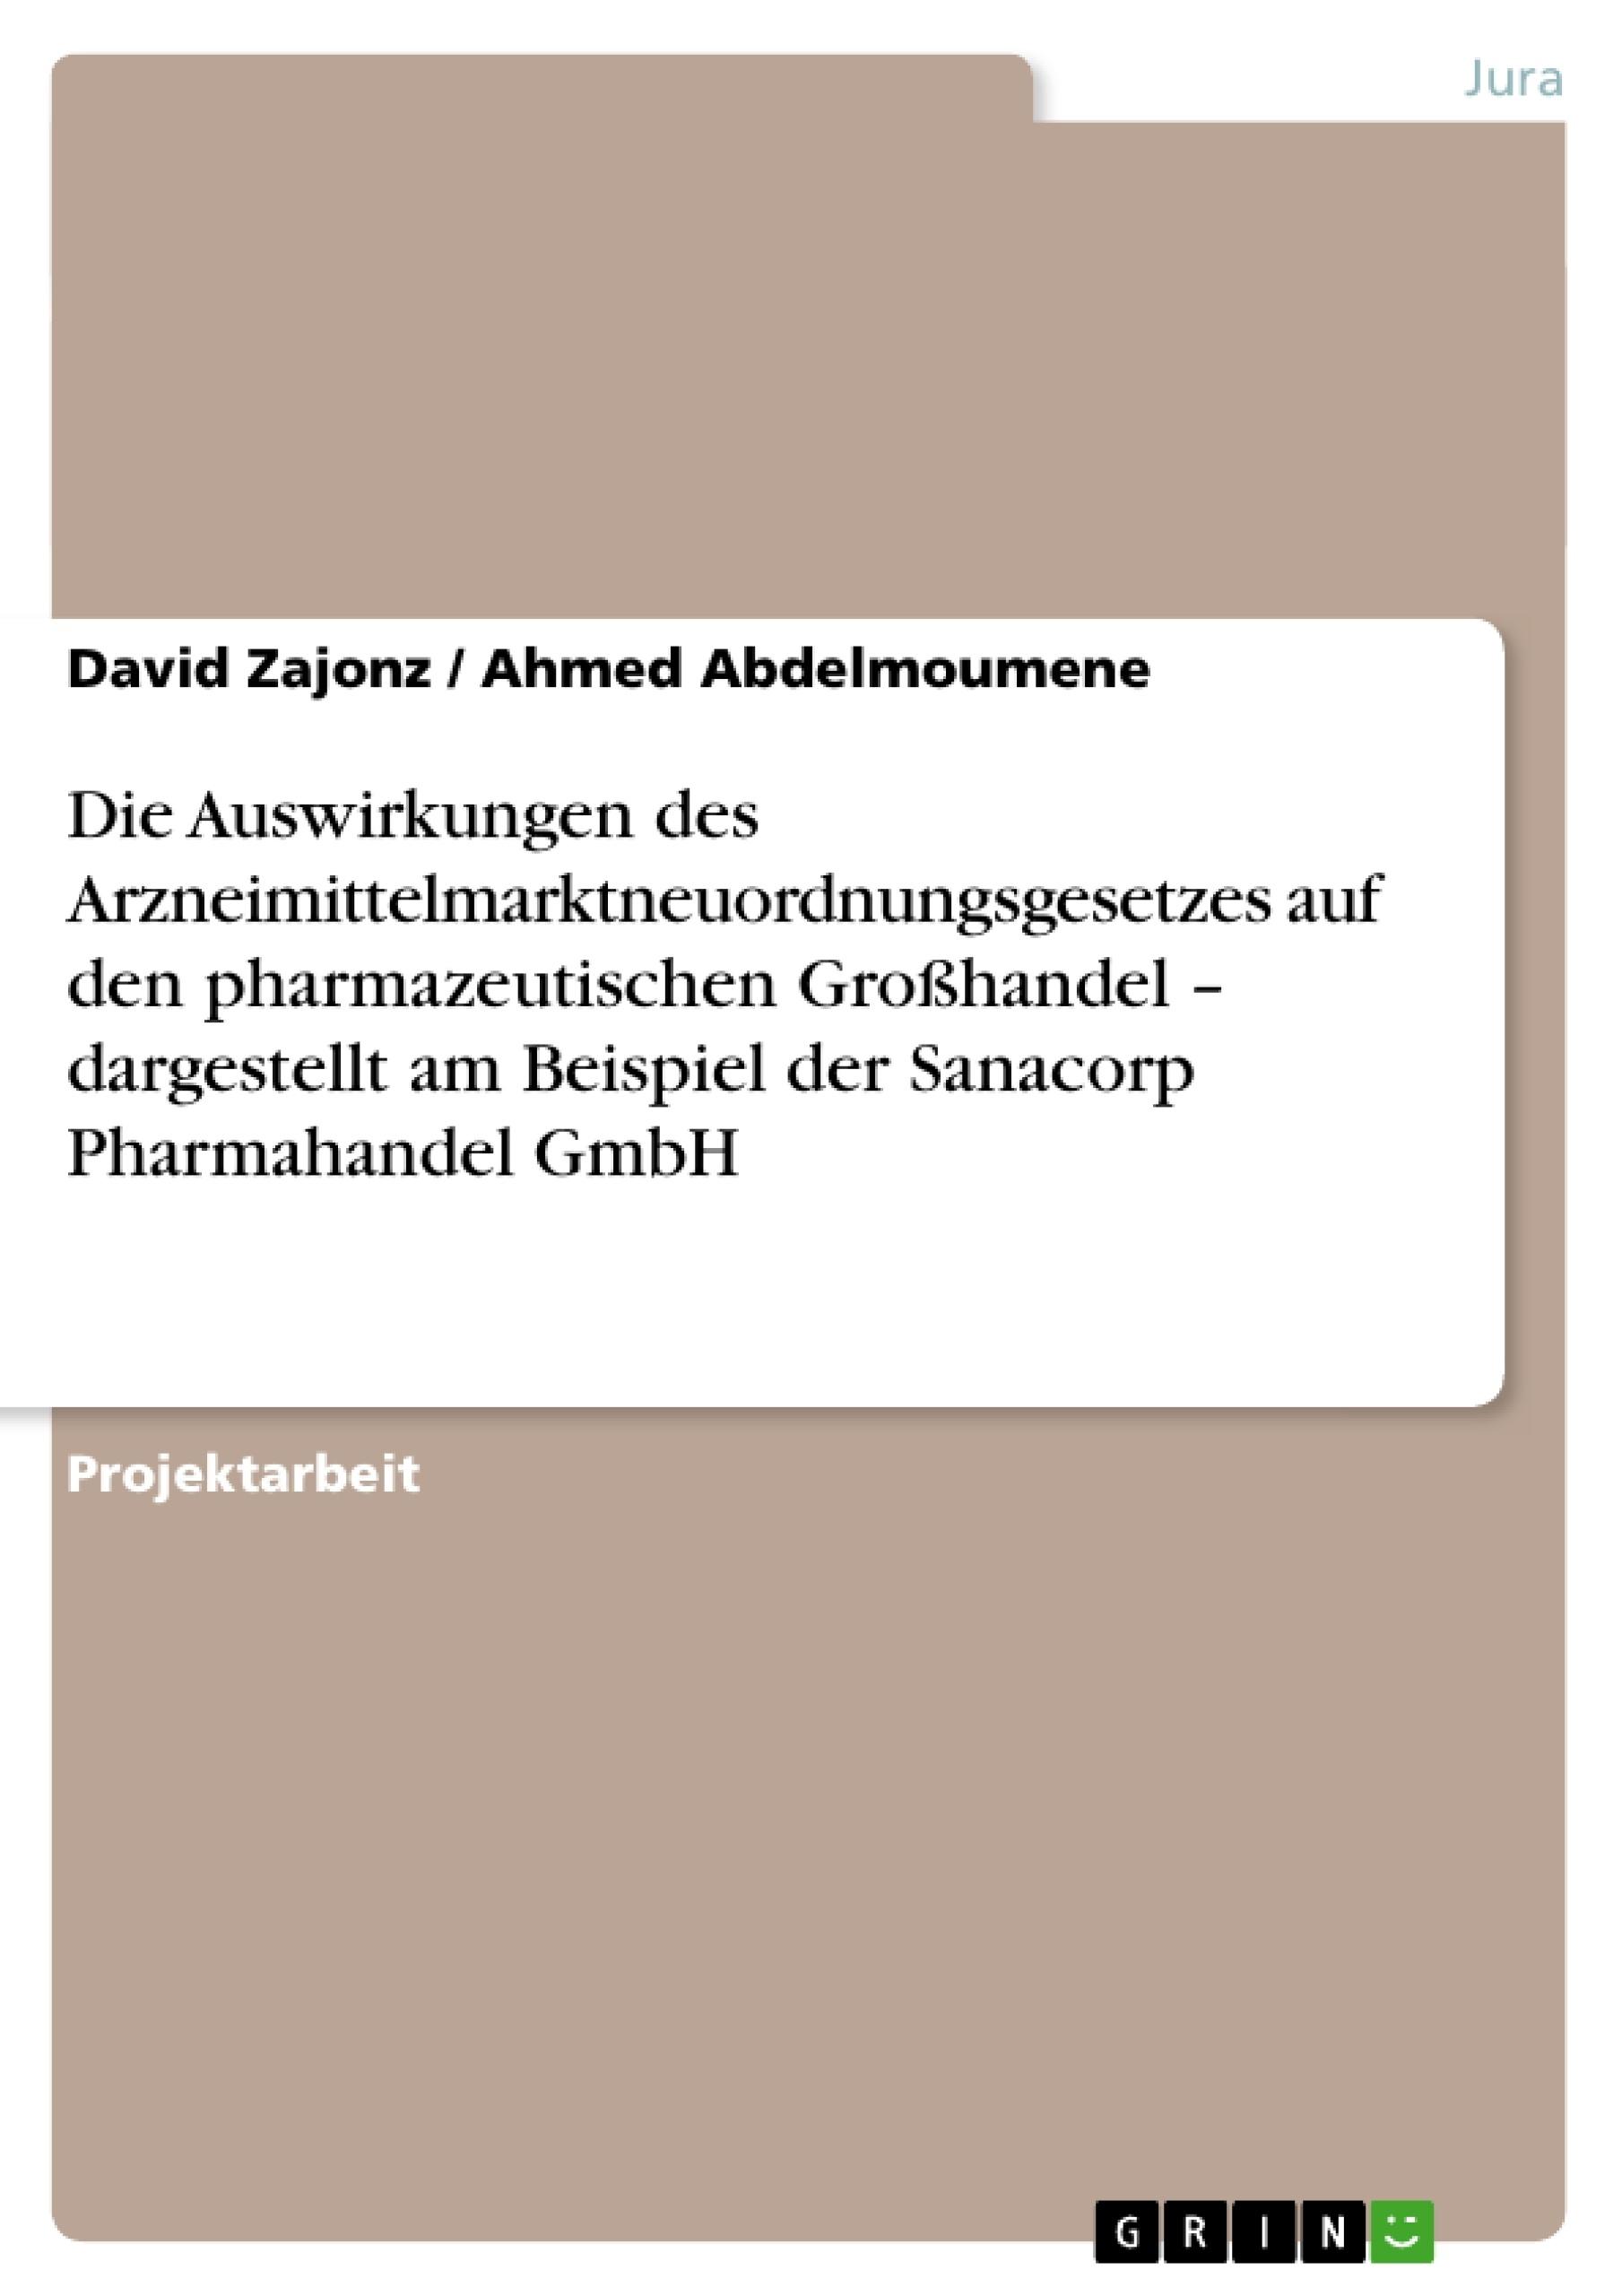 Titel: Die Auswirkungen des Arzneimittelmarktneuordnungsgesetzes auf den pharmazeutischen Großhandel – dargestellt am Beispiel der Sanacorp Pharmahandel GmbH